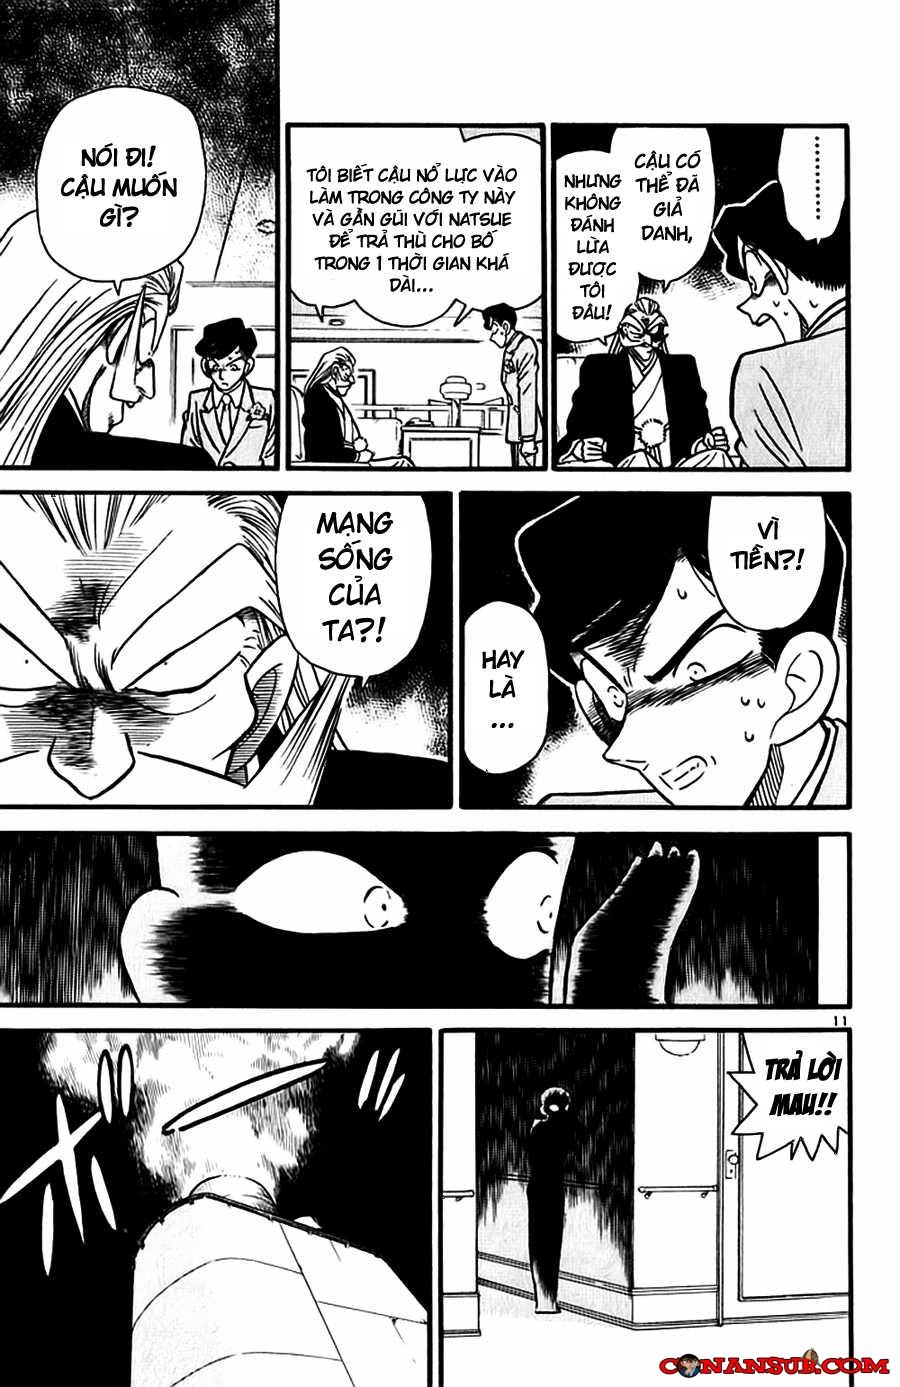 cn 012, Thám tử lừng danh Conan chap 20    NarutoSub